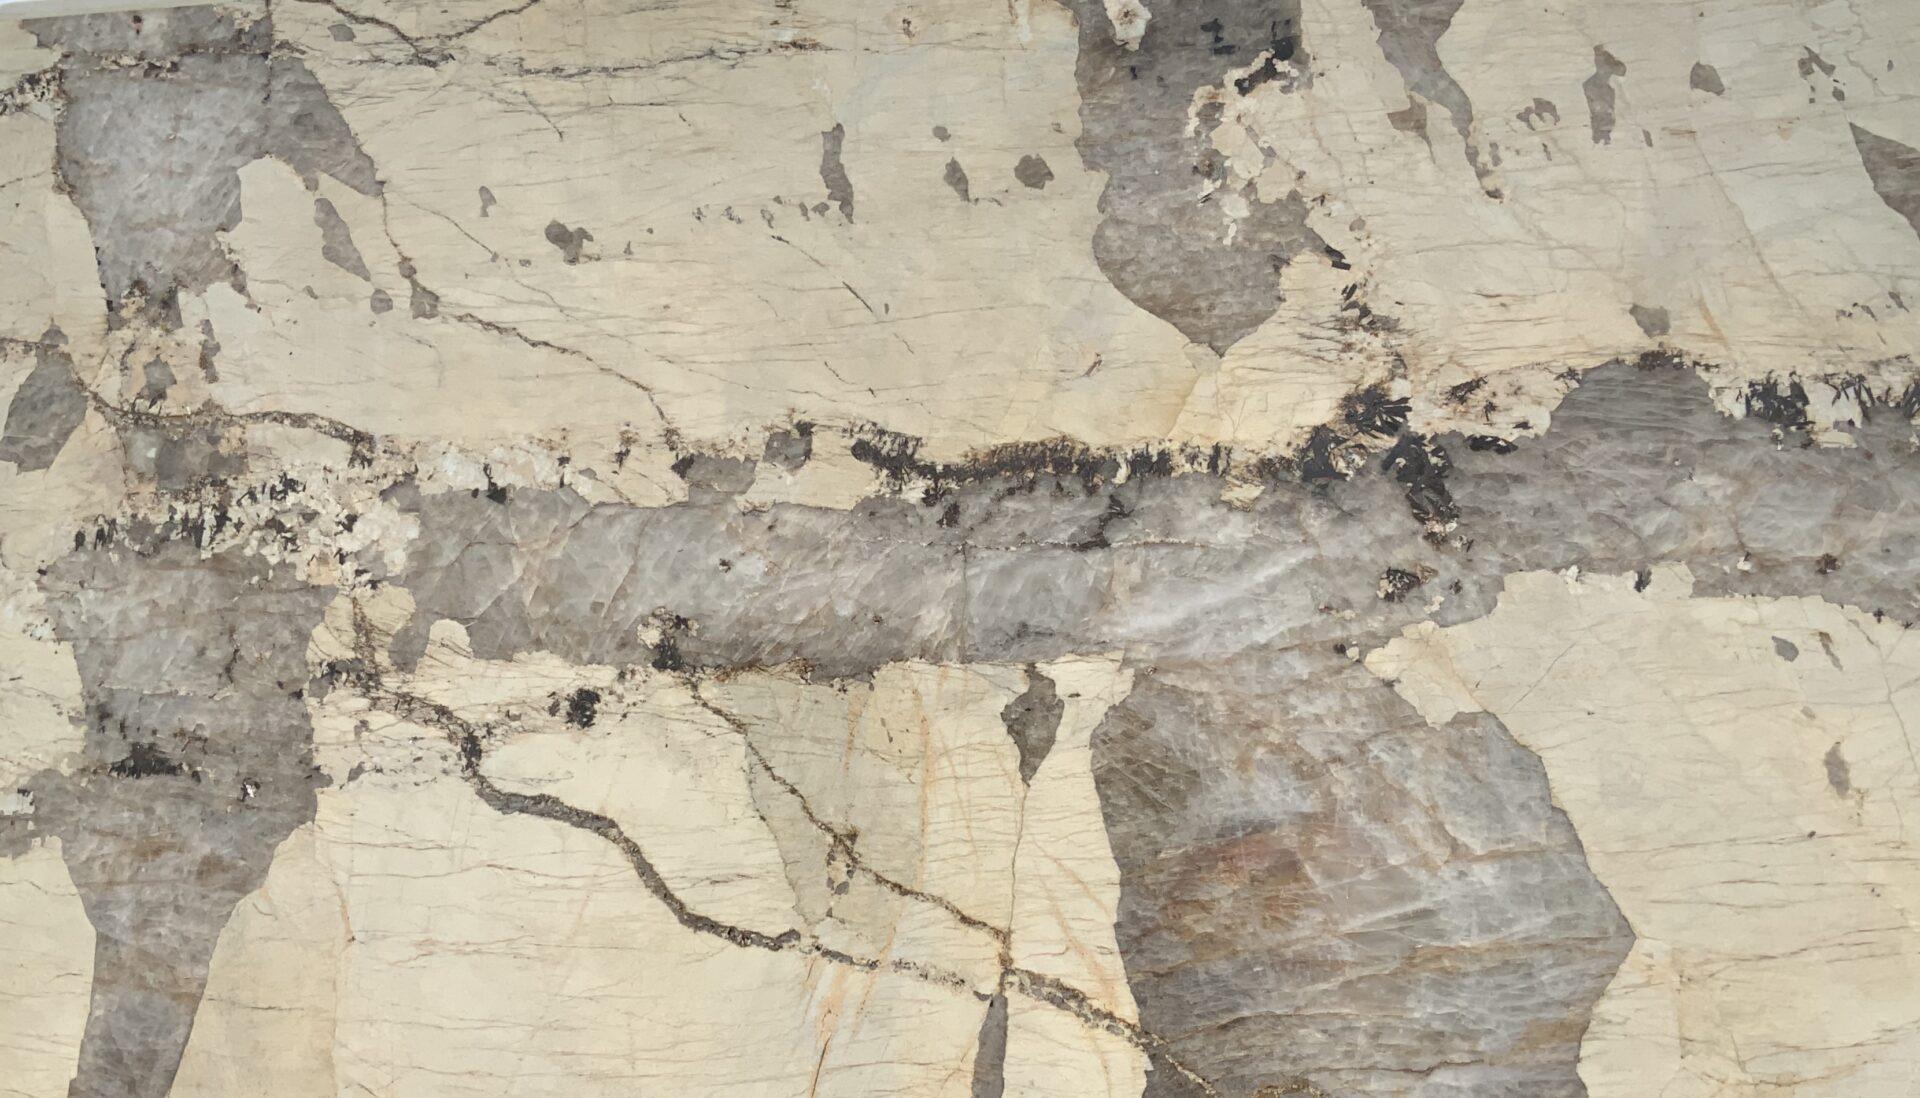 Patagonia Cristal (Granite)